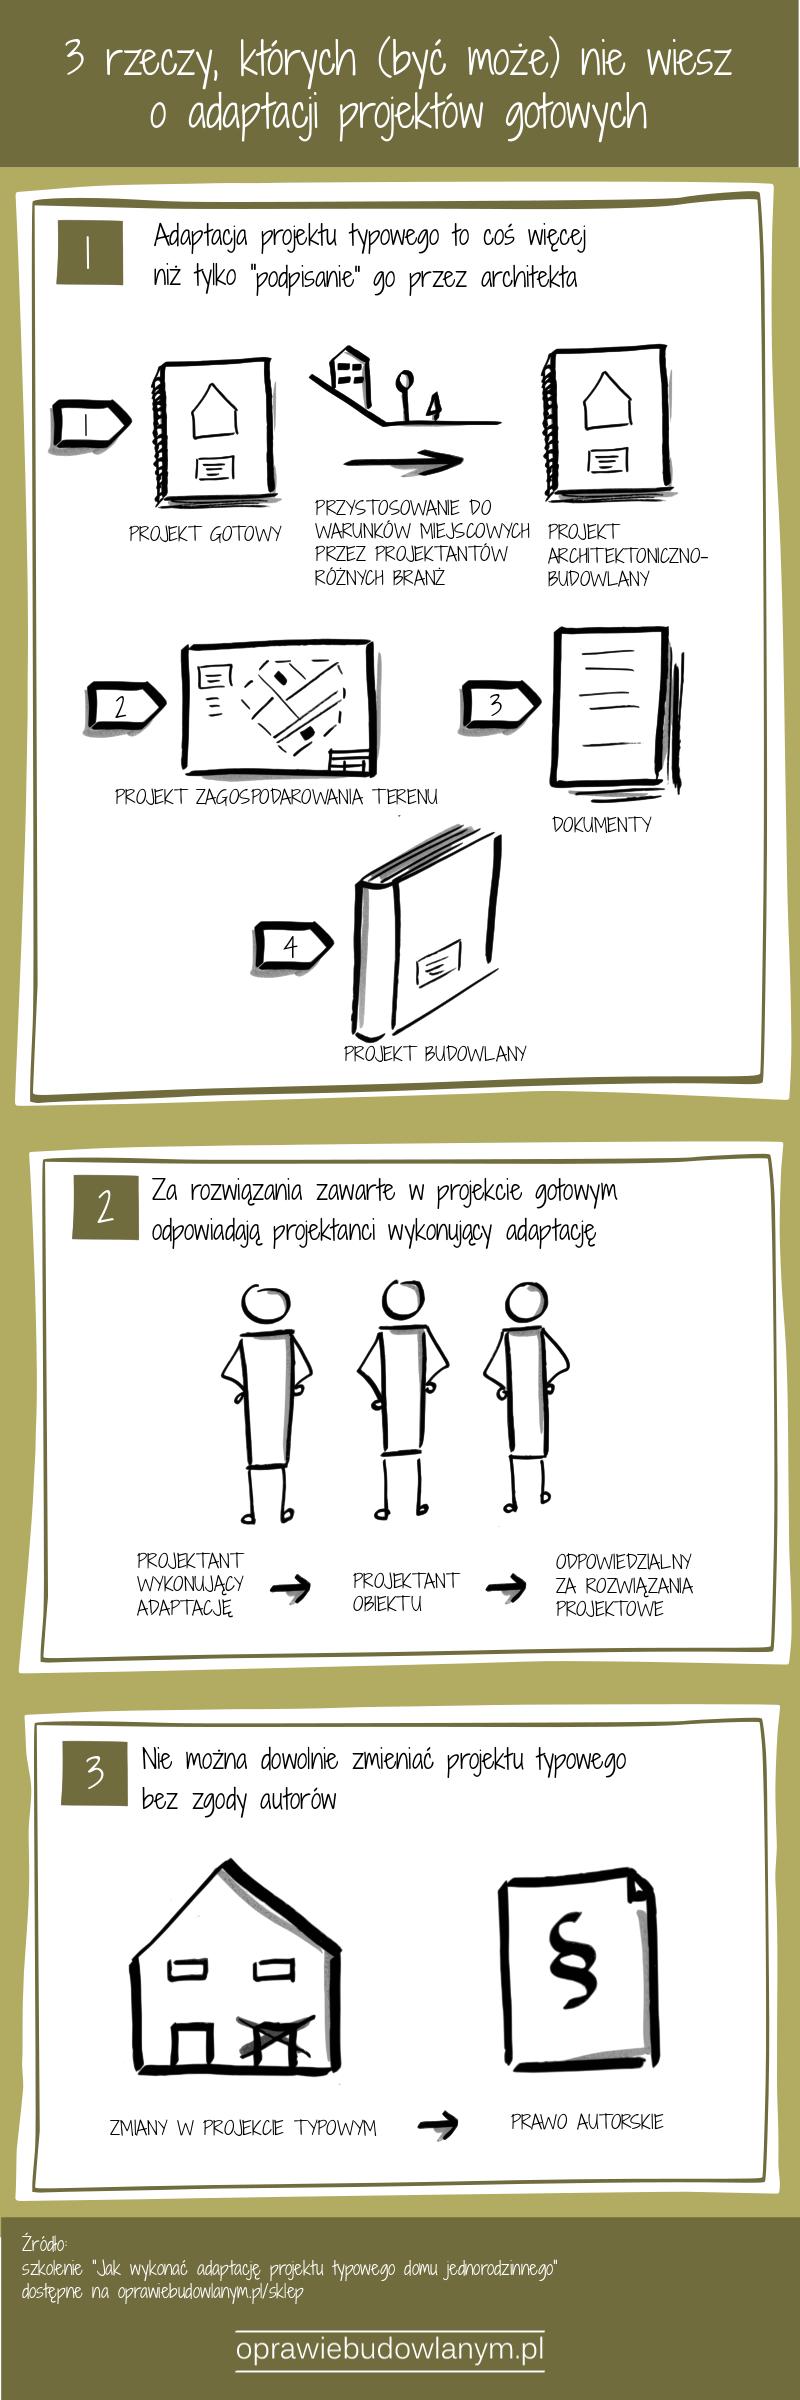 Infografika o adaptacji projektów gotowych